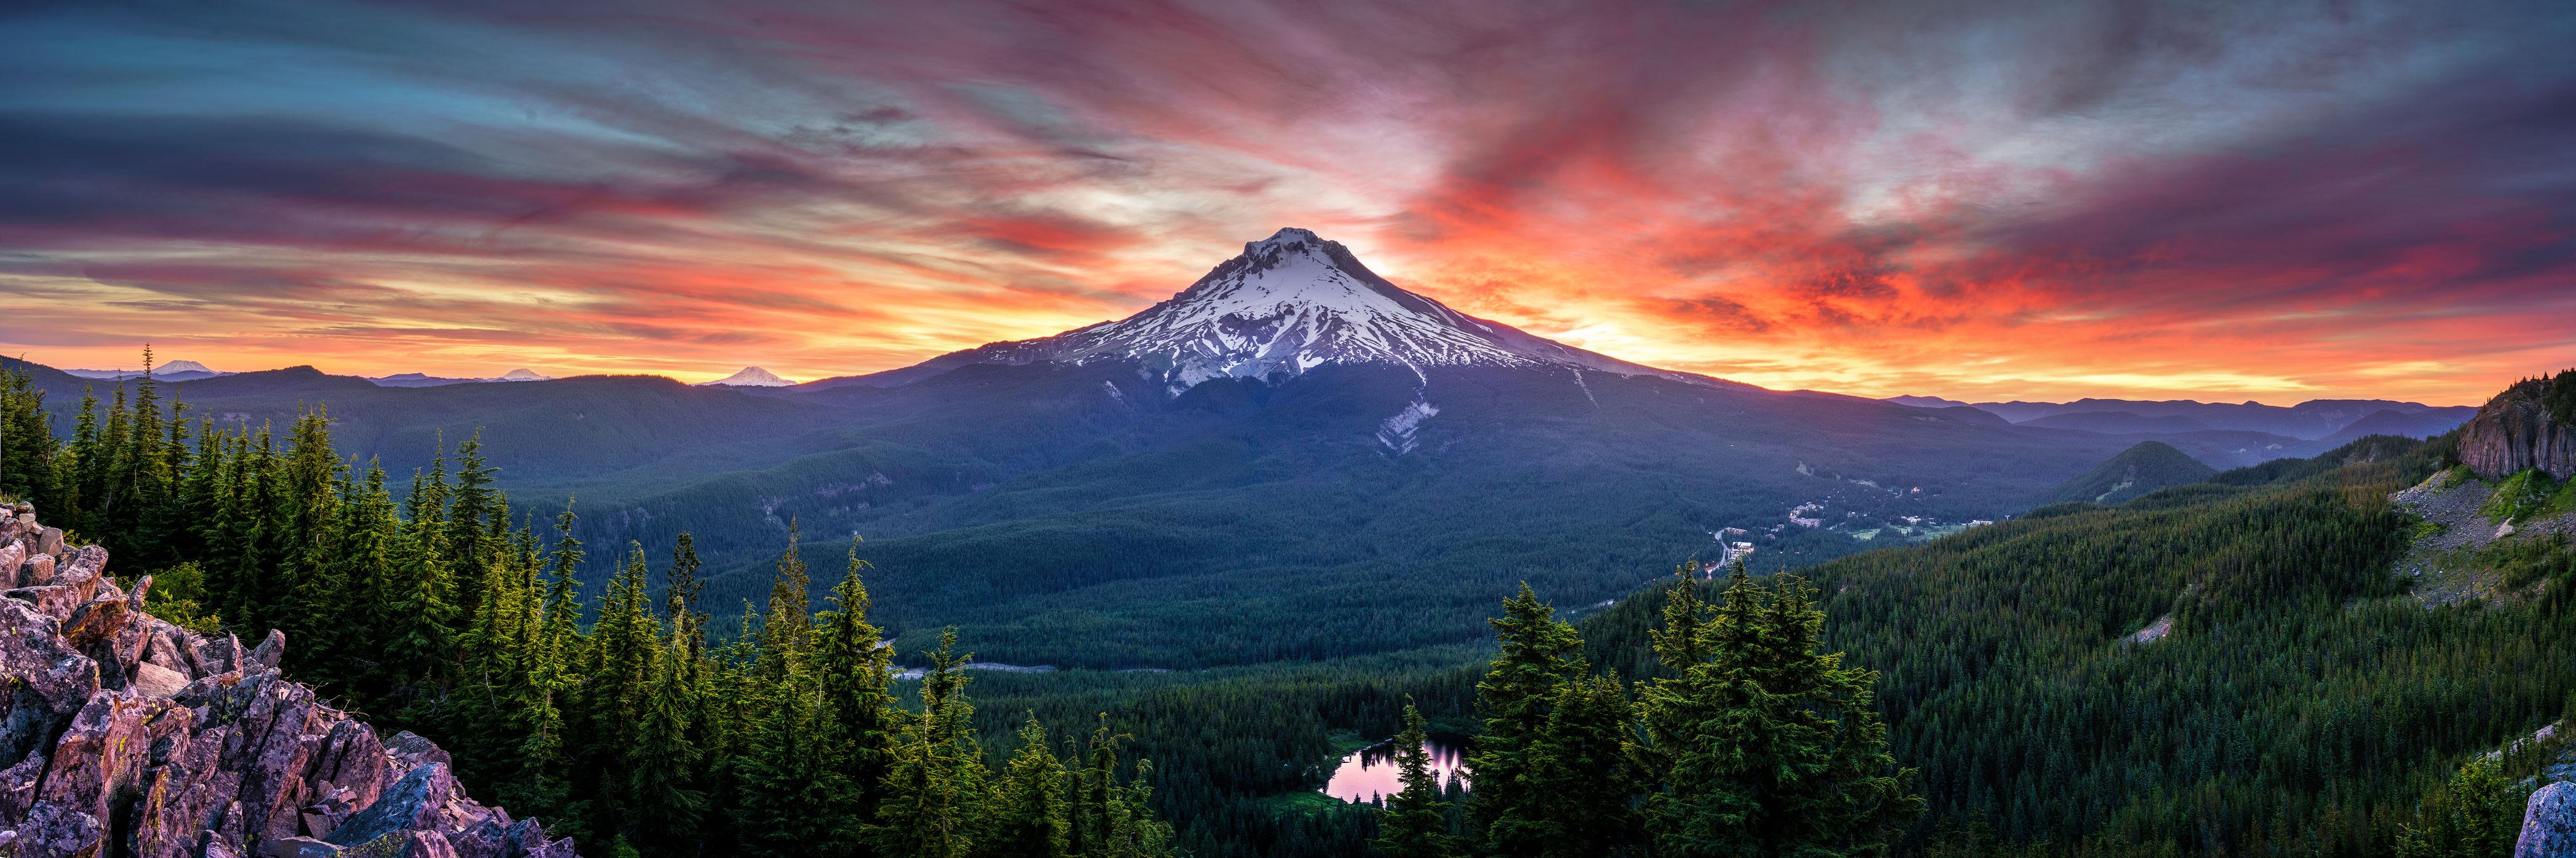 Mt Hood, Sunrise, photo